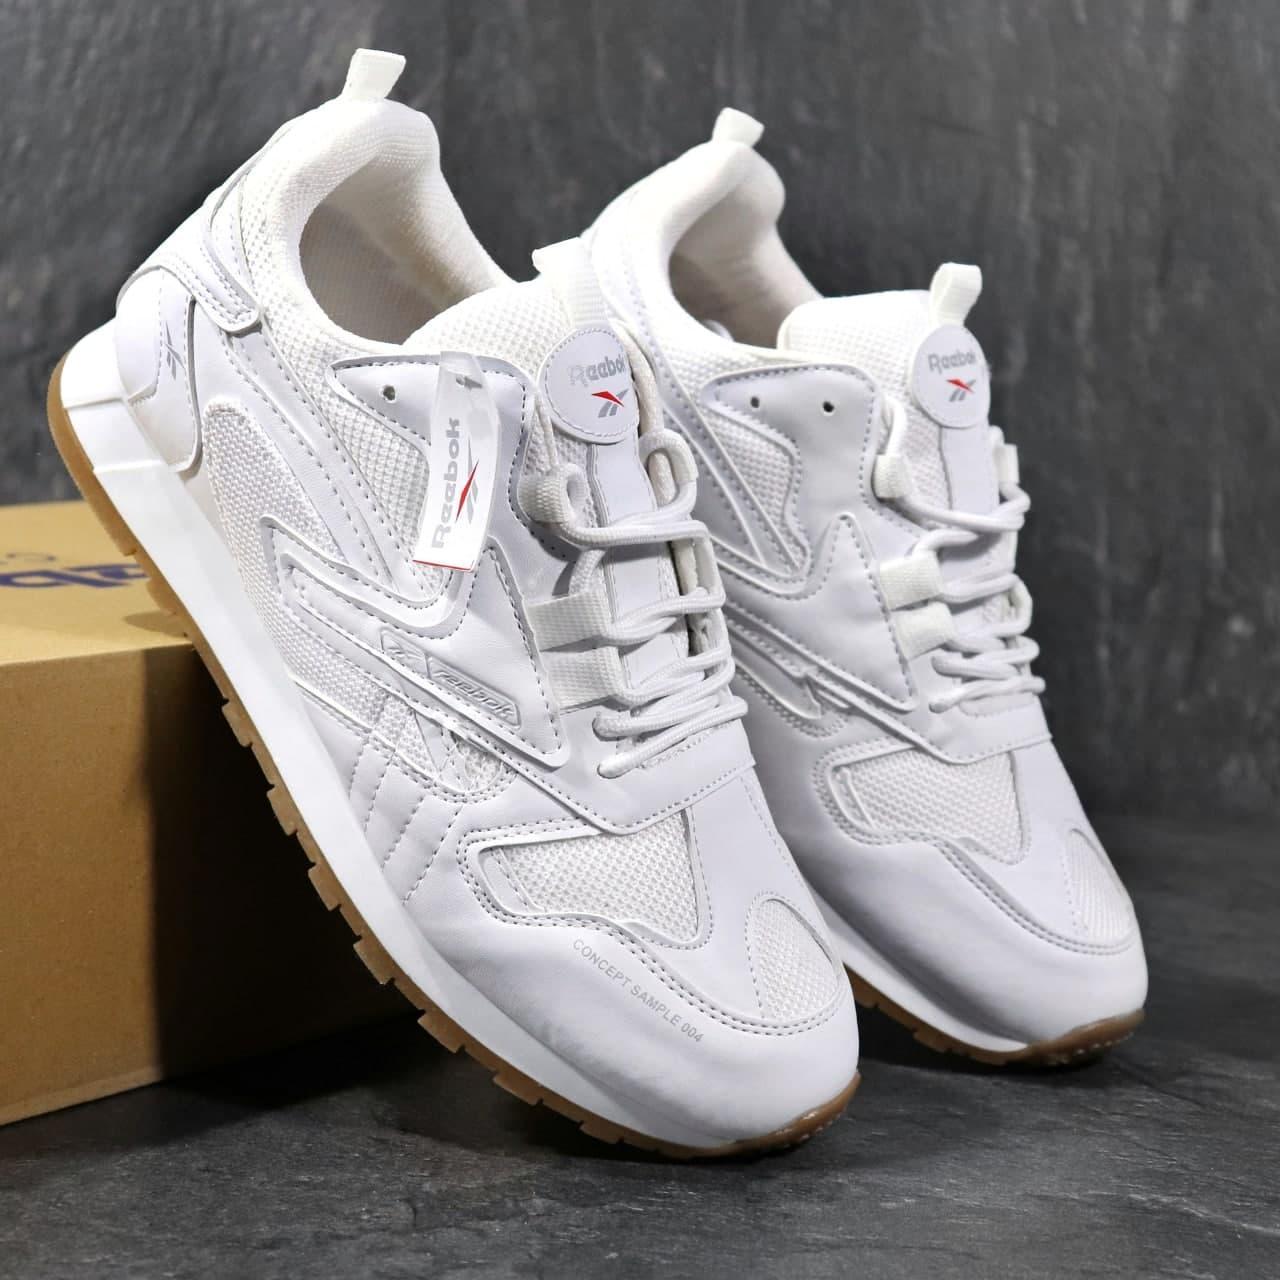 Чоловічі кросівки Reebok Concept Sample 004 White